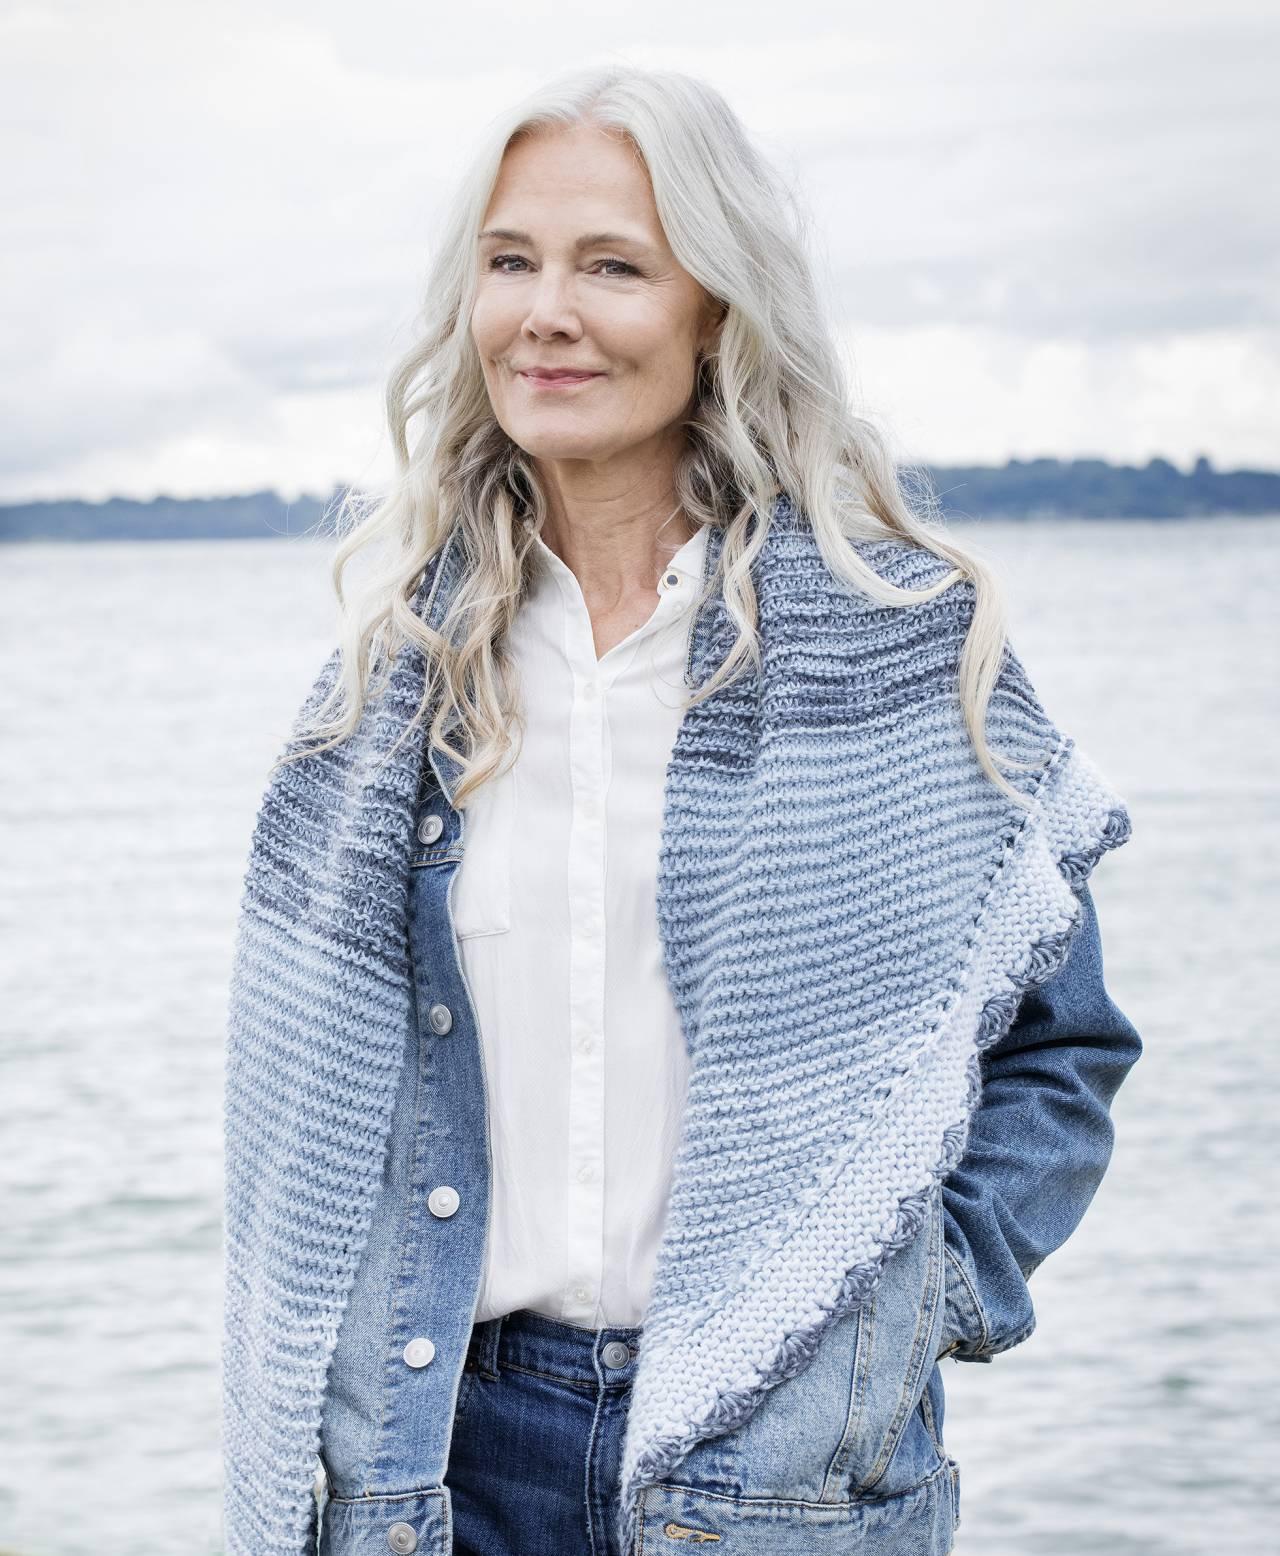 Kvinna tittar ut över havet i rätstickad sjal